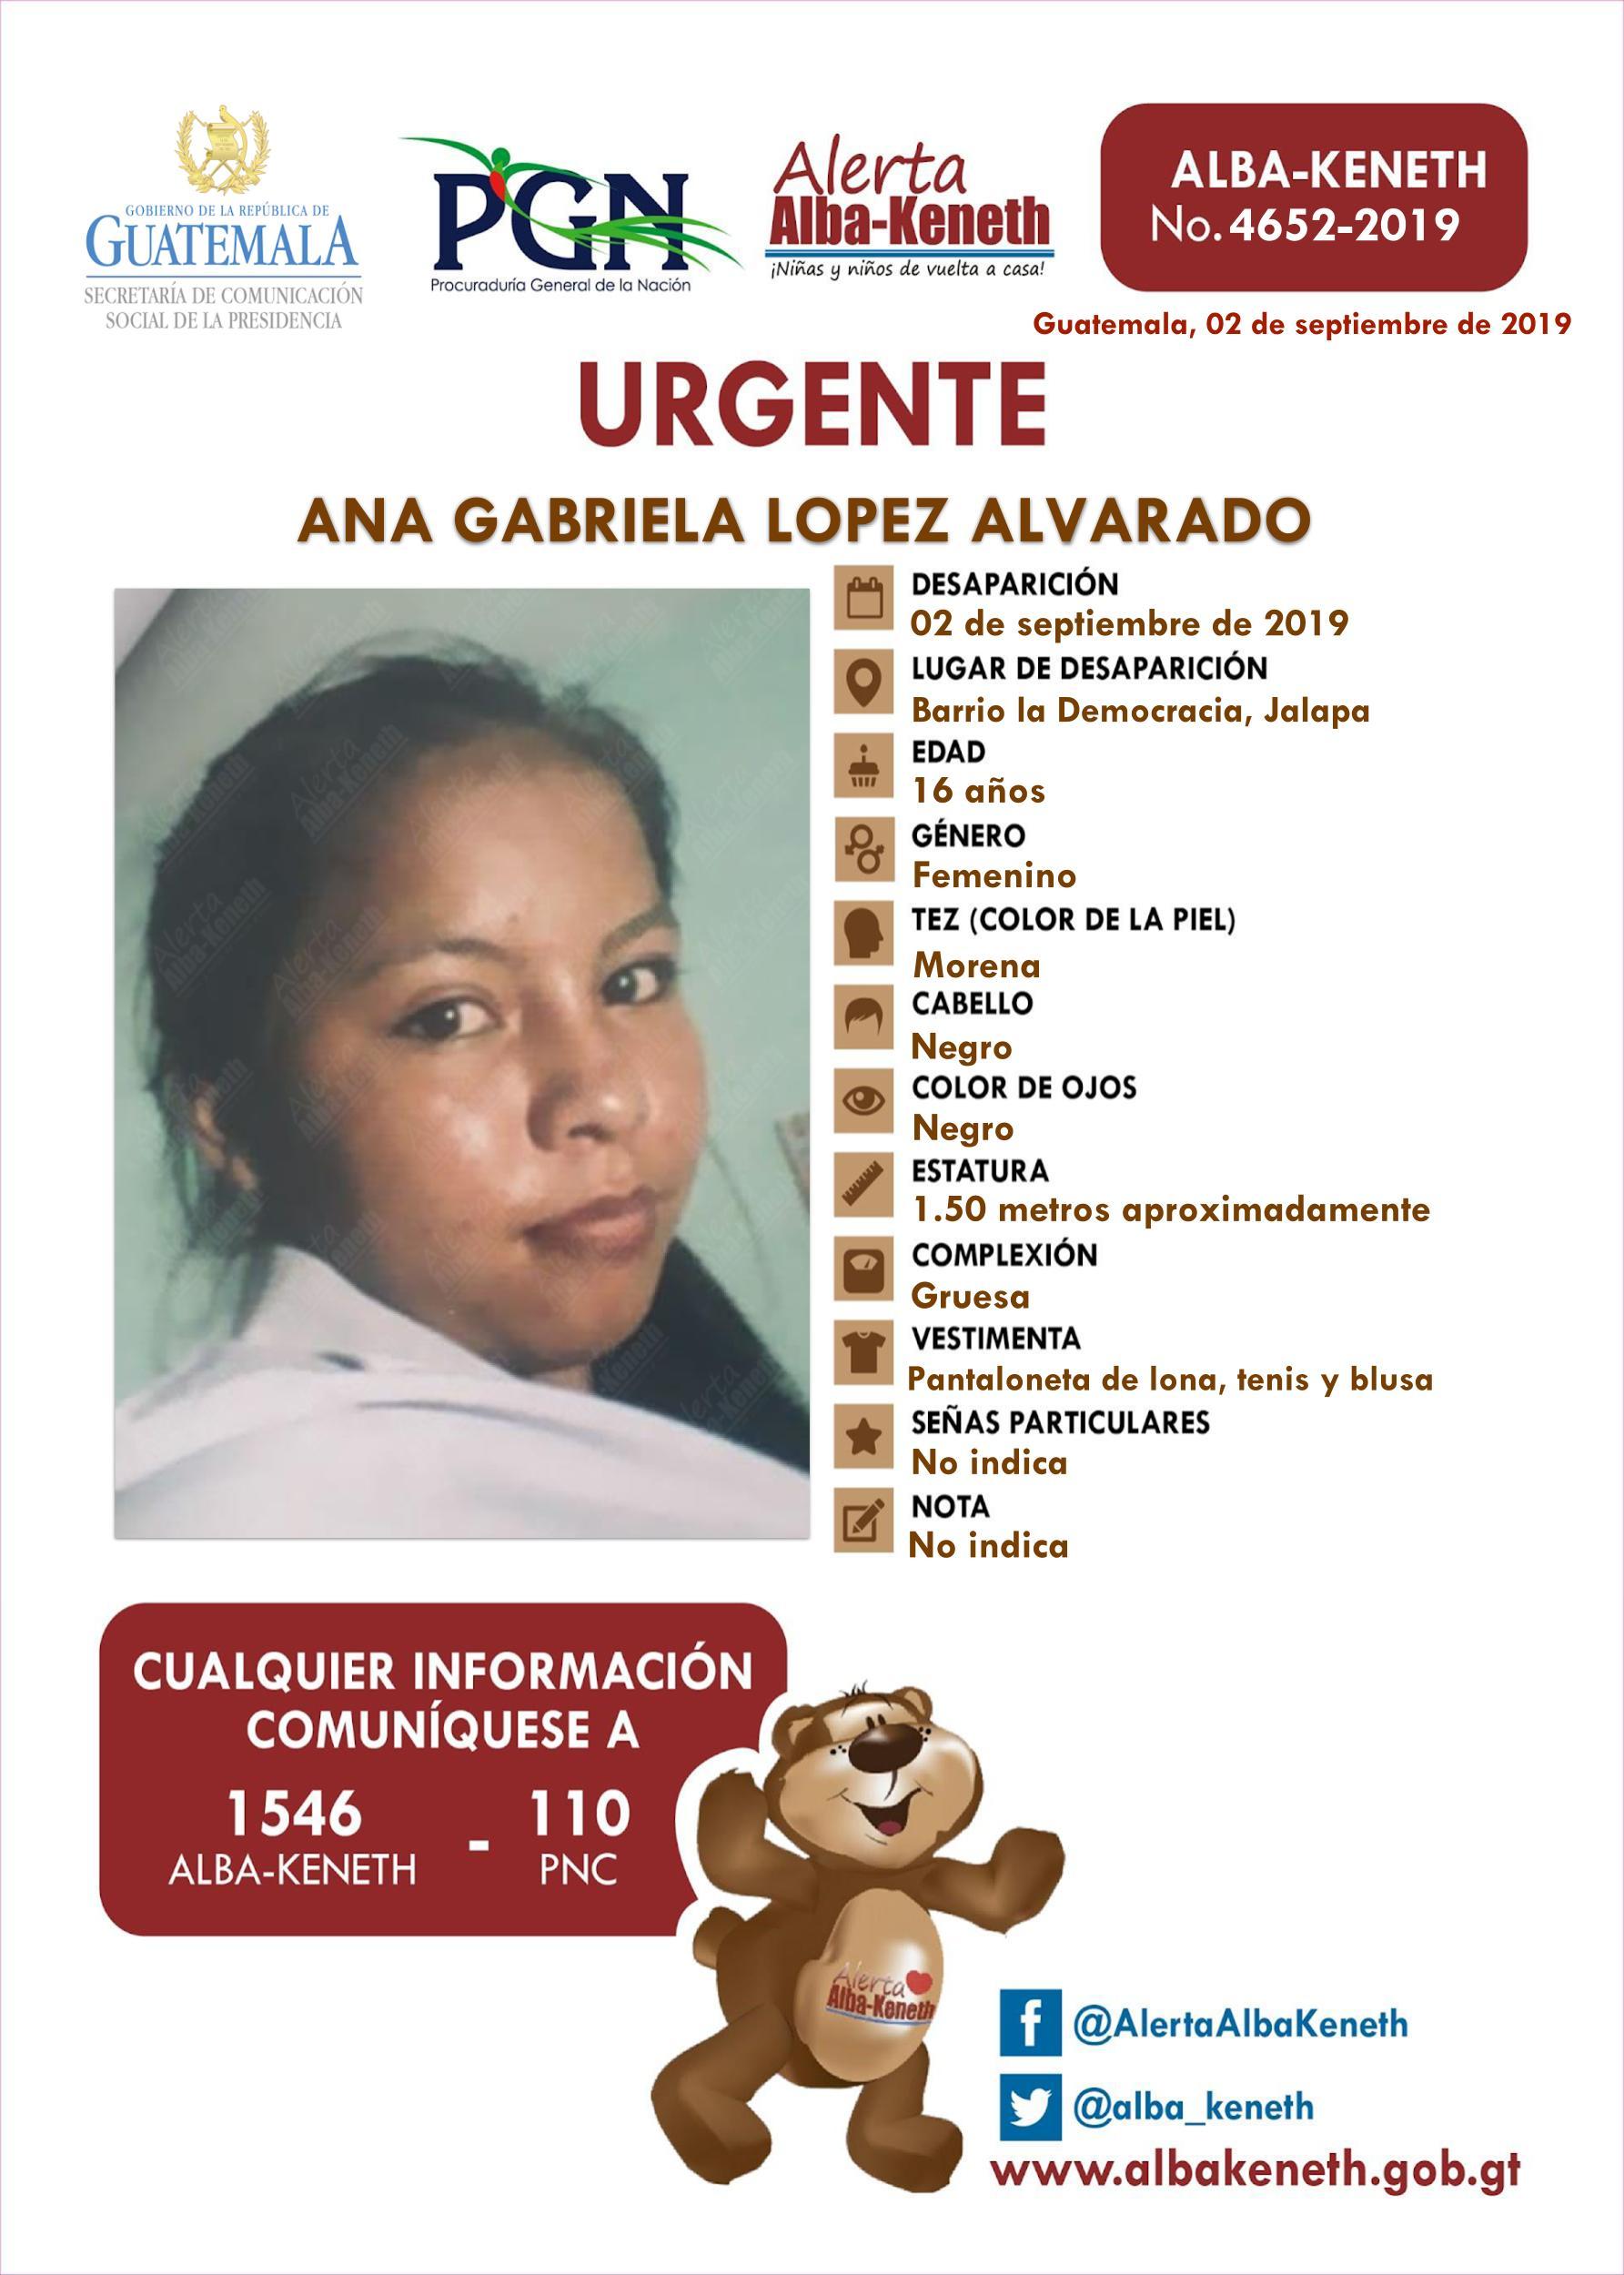 Ana Gabriela Lopez Alvarado